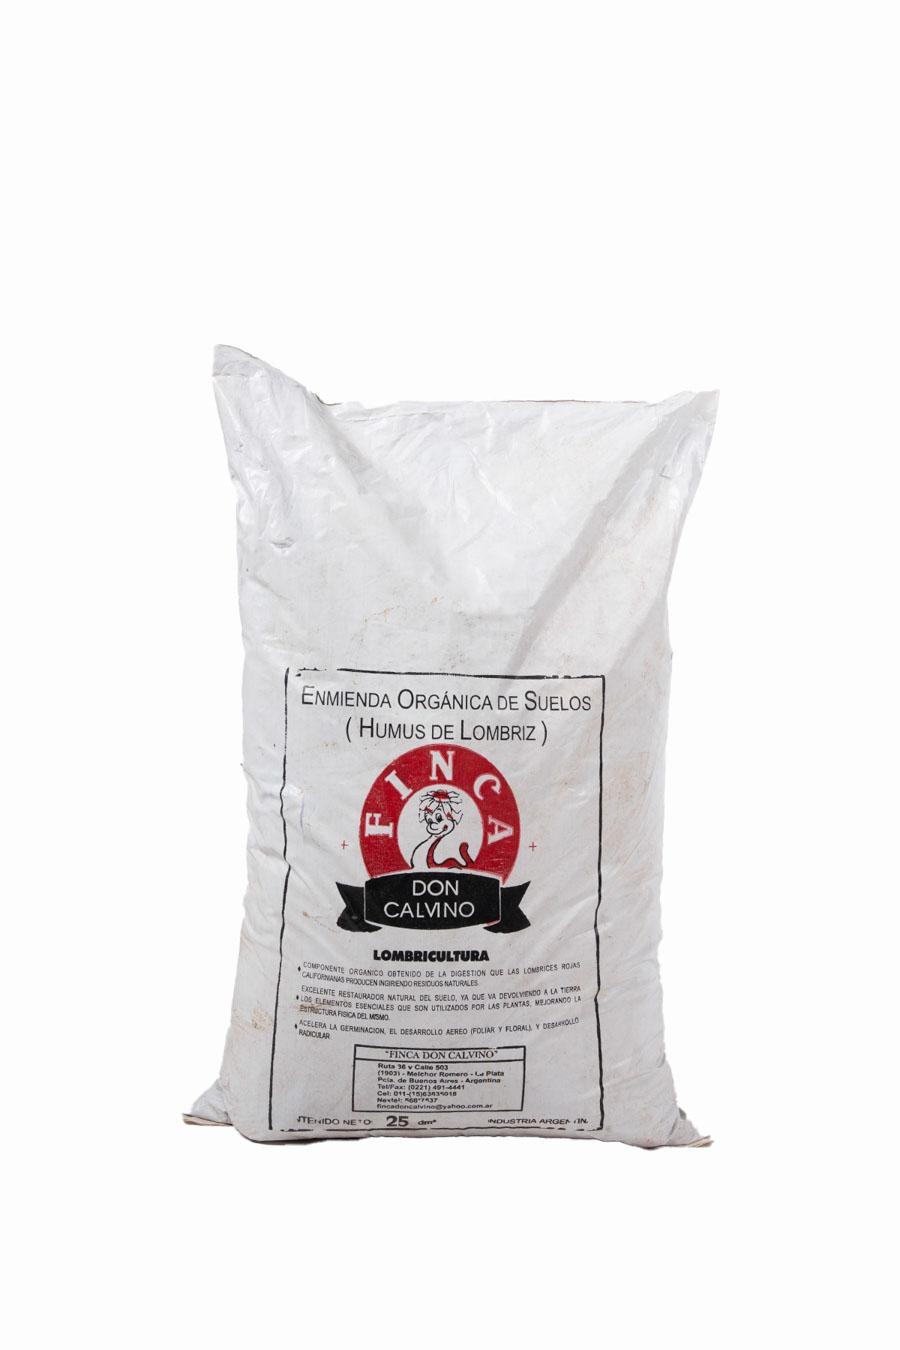 Humus de lombriz (enmienda orgánica de suelos)